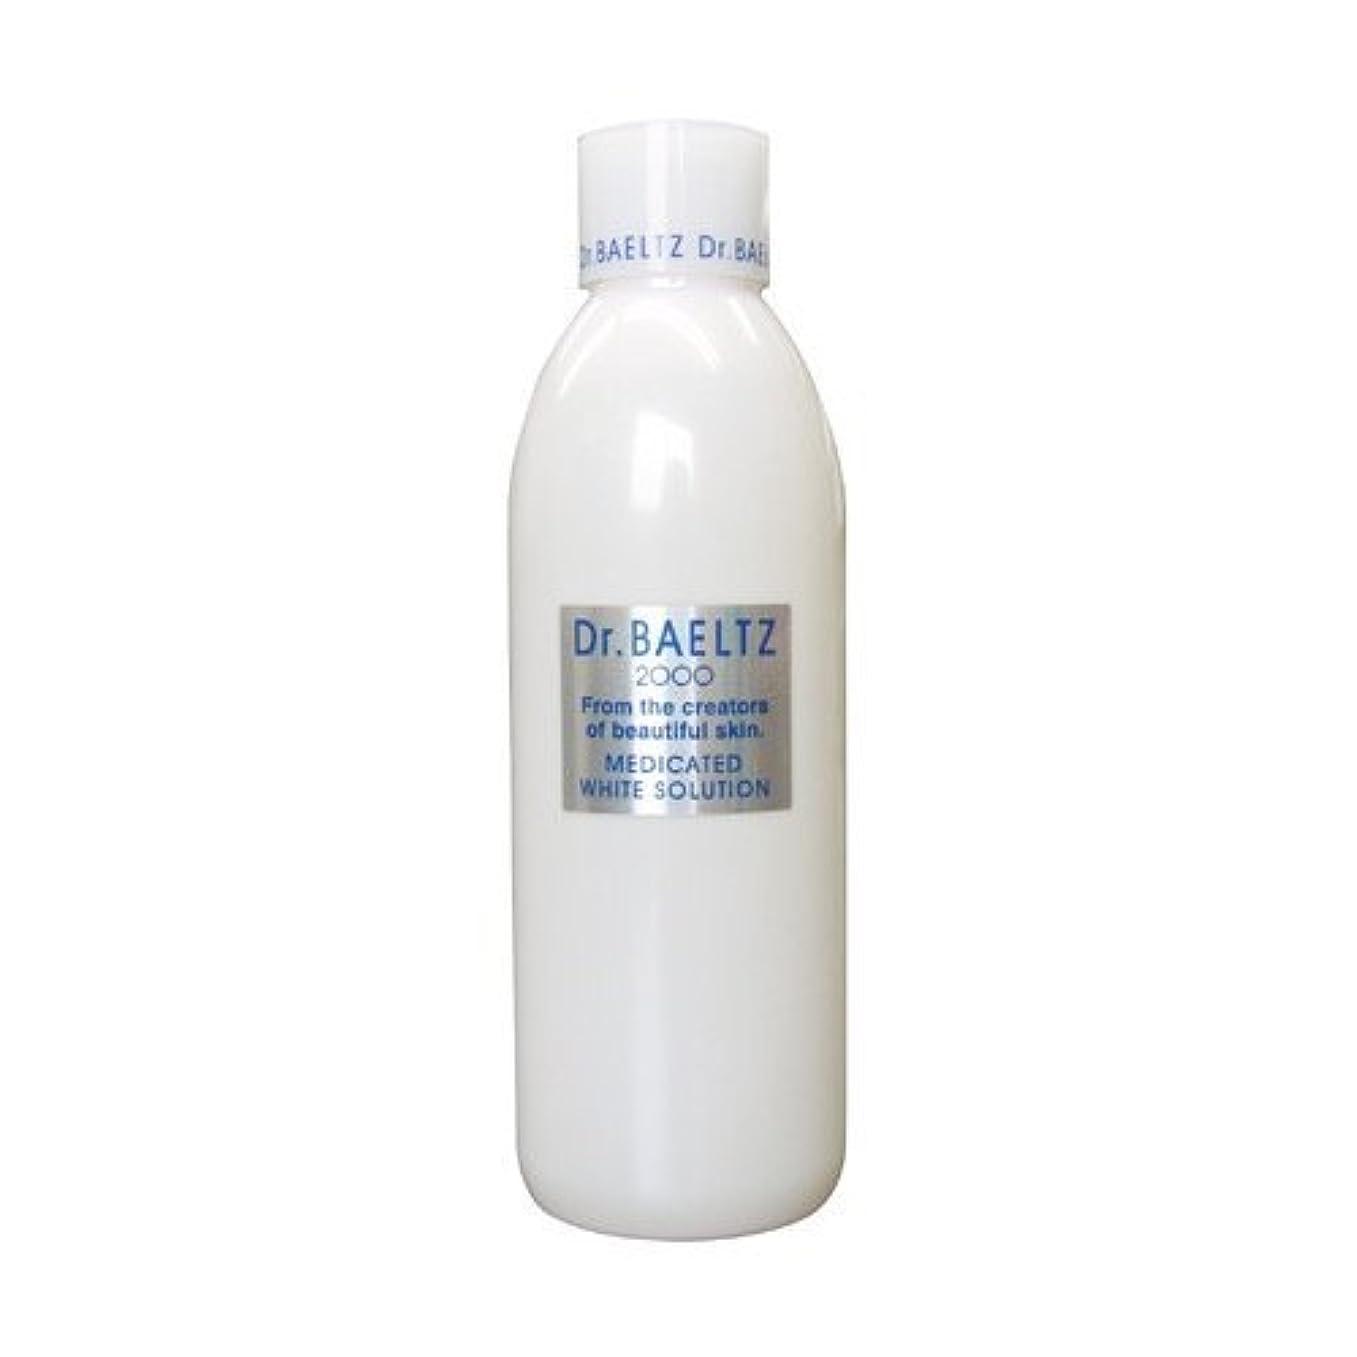 月曜日家密度ドクターベルツ(Dr.BAELTZ) 薬用ホワイトソリューション 300ml(美白化粧水 医薬部外品)